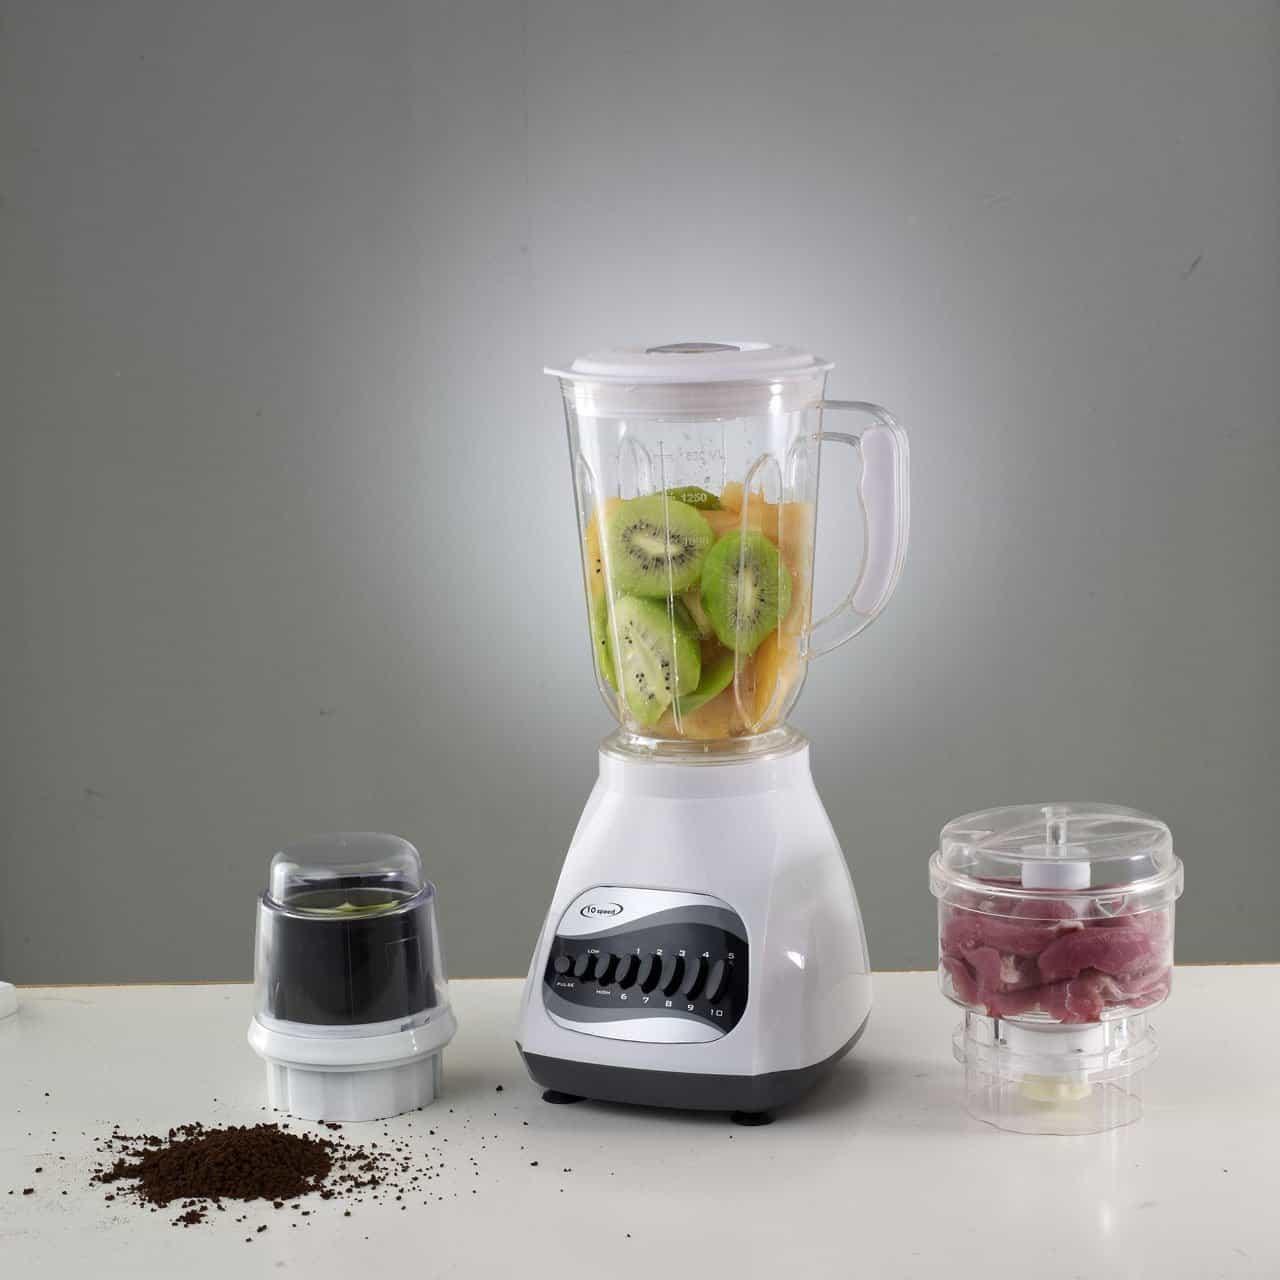 Imagem de um liquidificador com frutas em seu interior e dois recipientes com outros alimentos dentro.